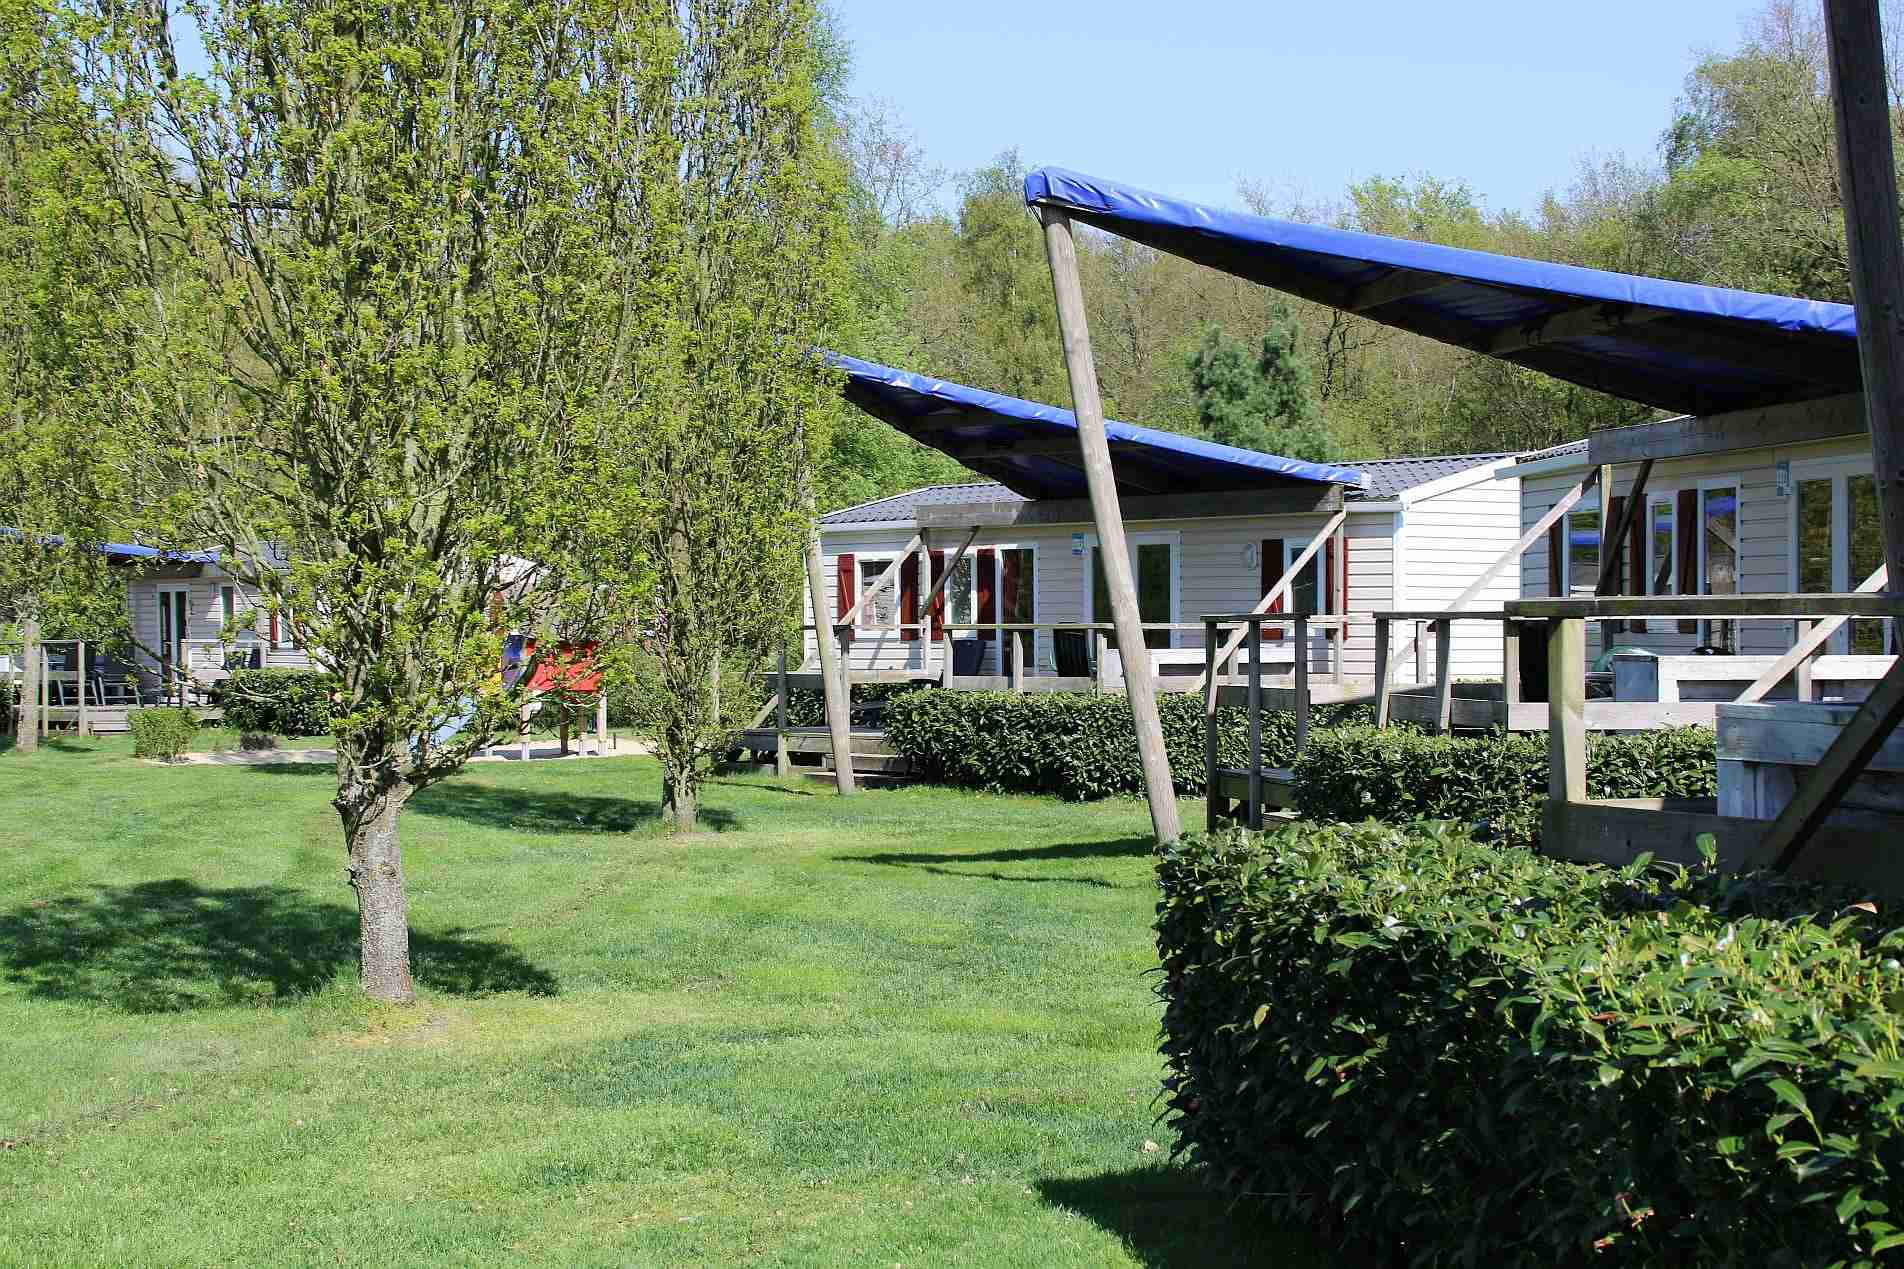 Himmelfahrt-Arrangement auf Fünf-Sterne-Campingplatz - Himmelfahrt-Arrangement in Overijssel